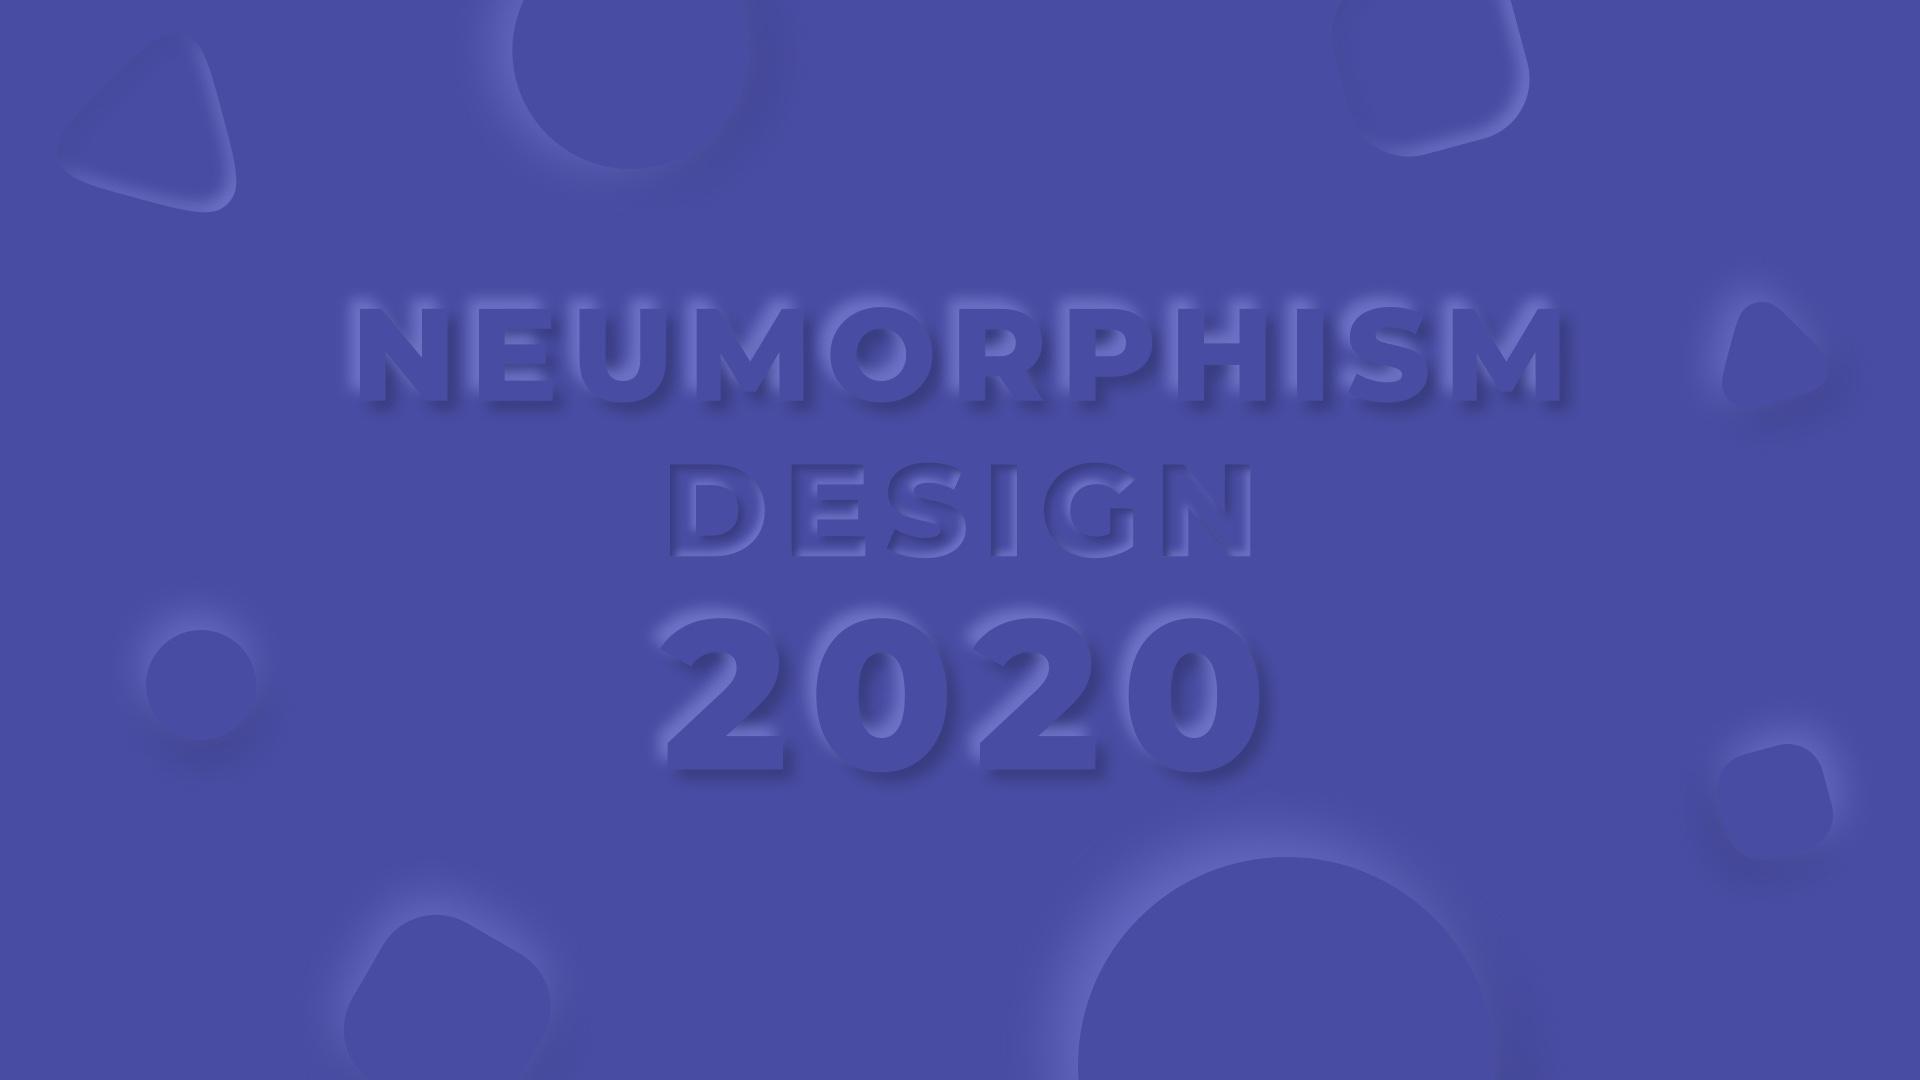 Neumorphism Design 2020